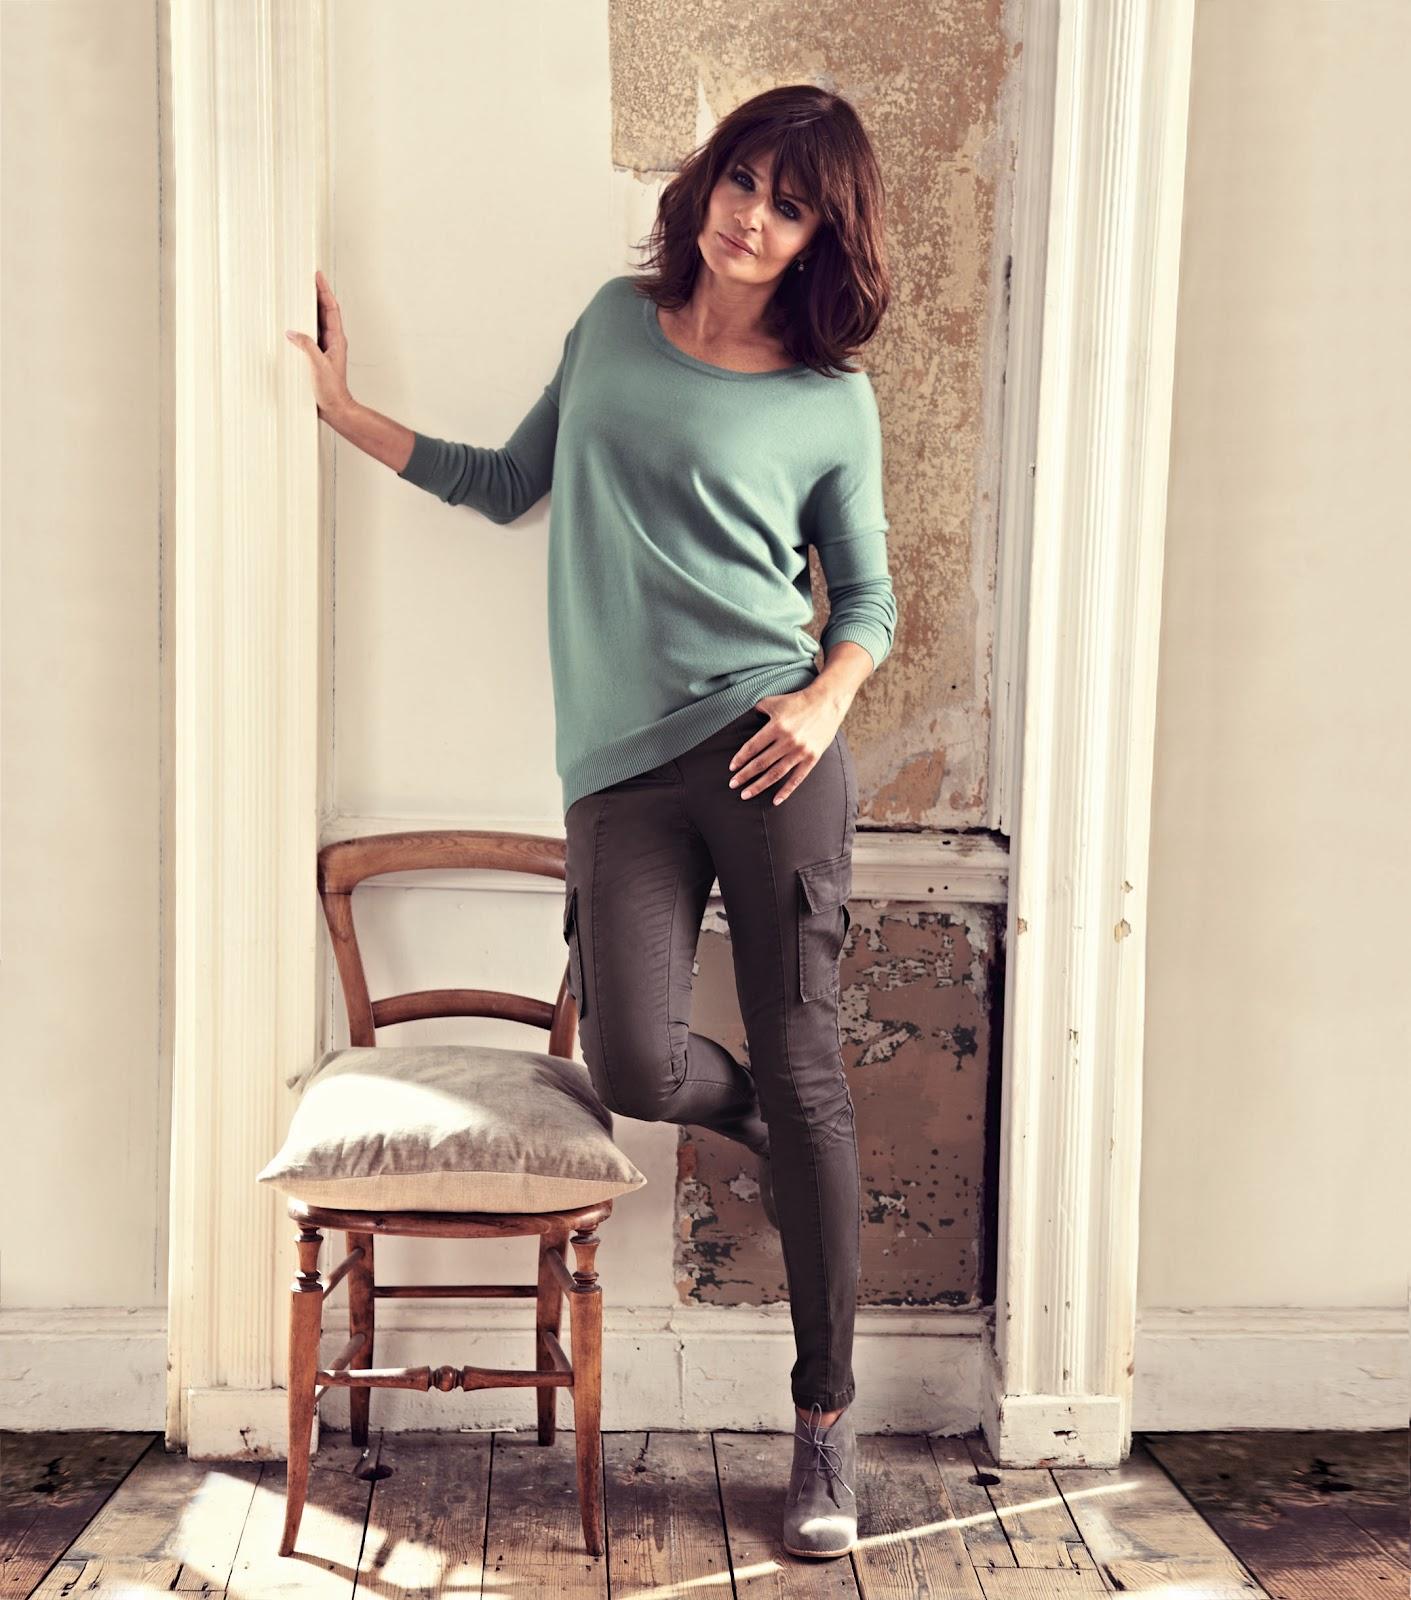 Helena Christensen And Boden Women Sweatshirts